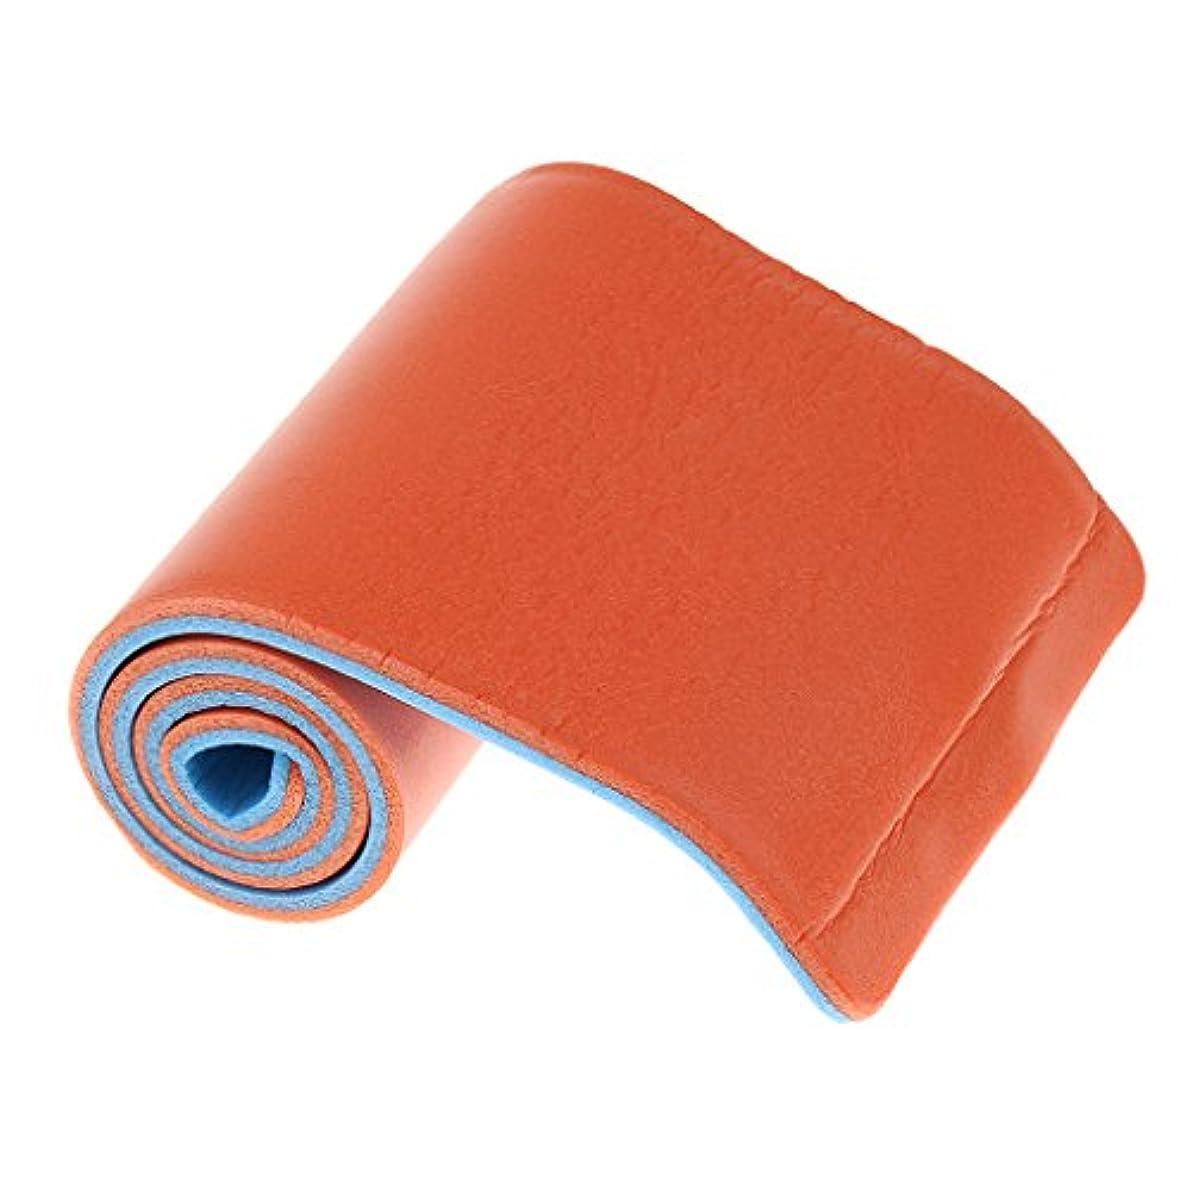 脳上がるウェイドCUTICATE スプリントロール 副木ロール 固定 スポーツパッド付き 再使用可能 自在にカット 防水